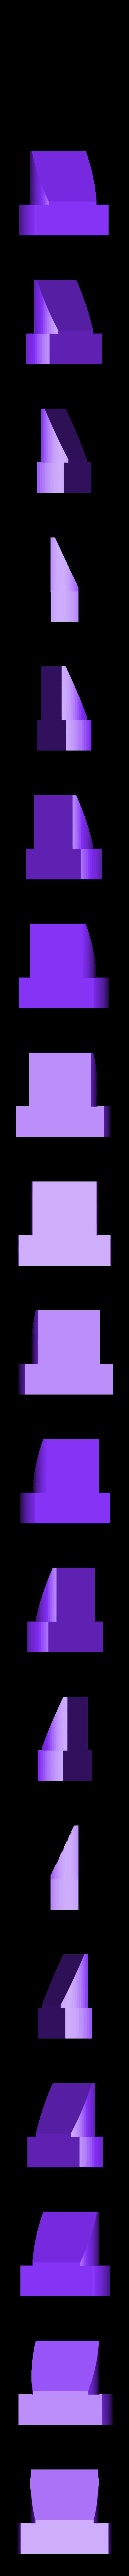 screw2.stl Télécharger fichier STL gratuit Moraillon de style classique pour boîtes • Design pour imprimante 3D, raffosan